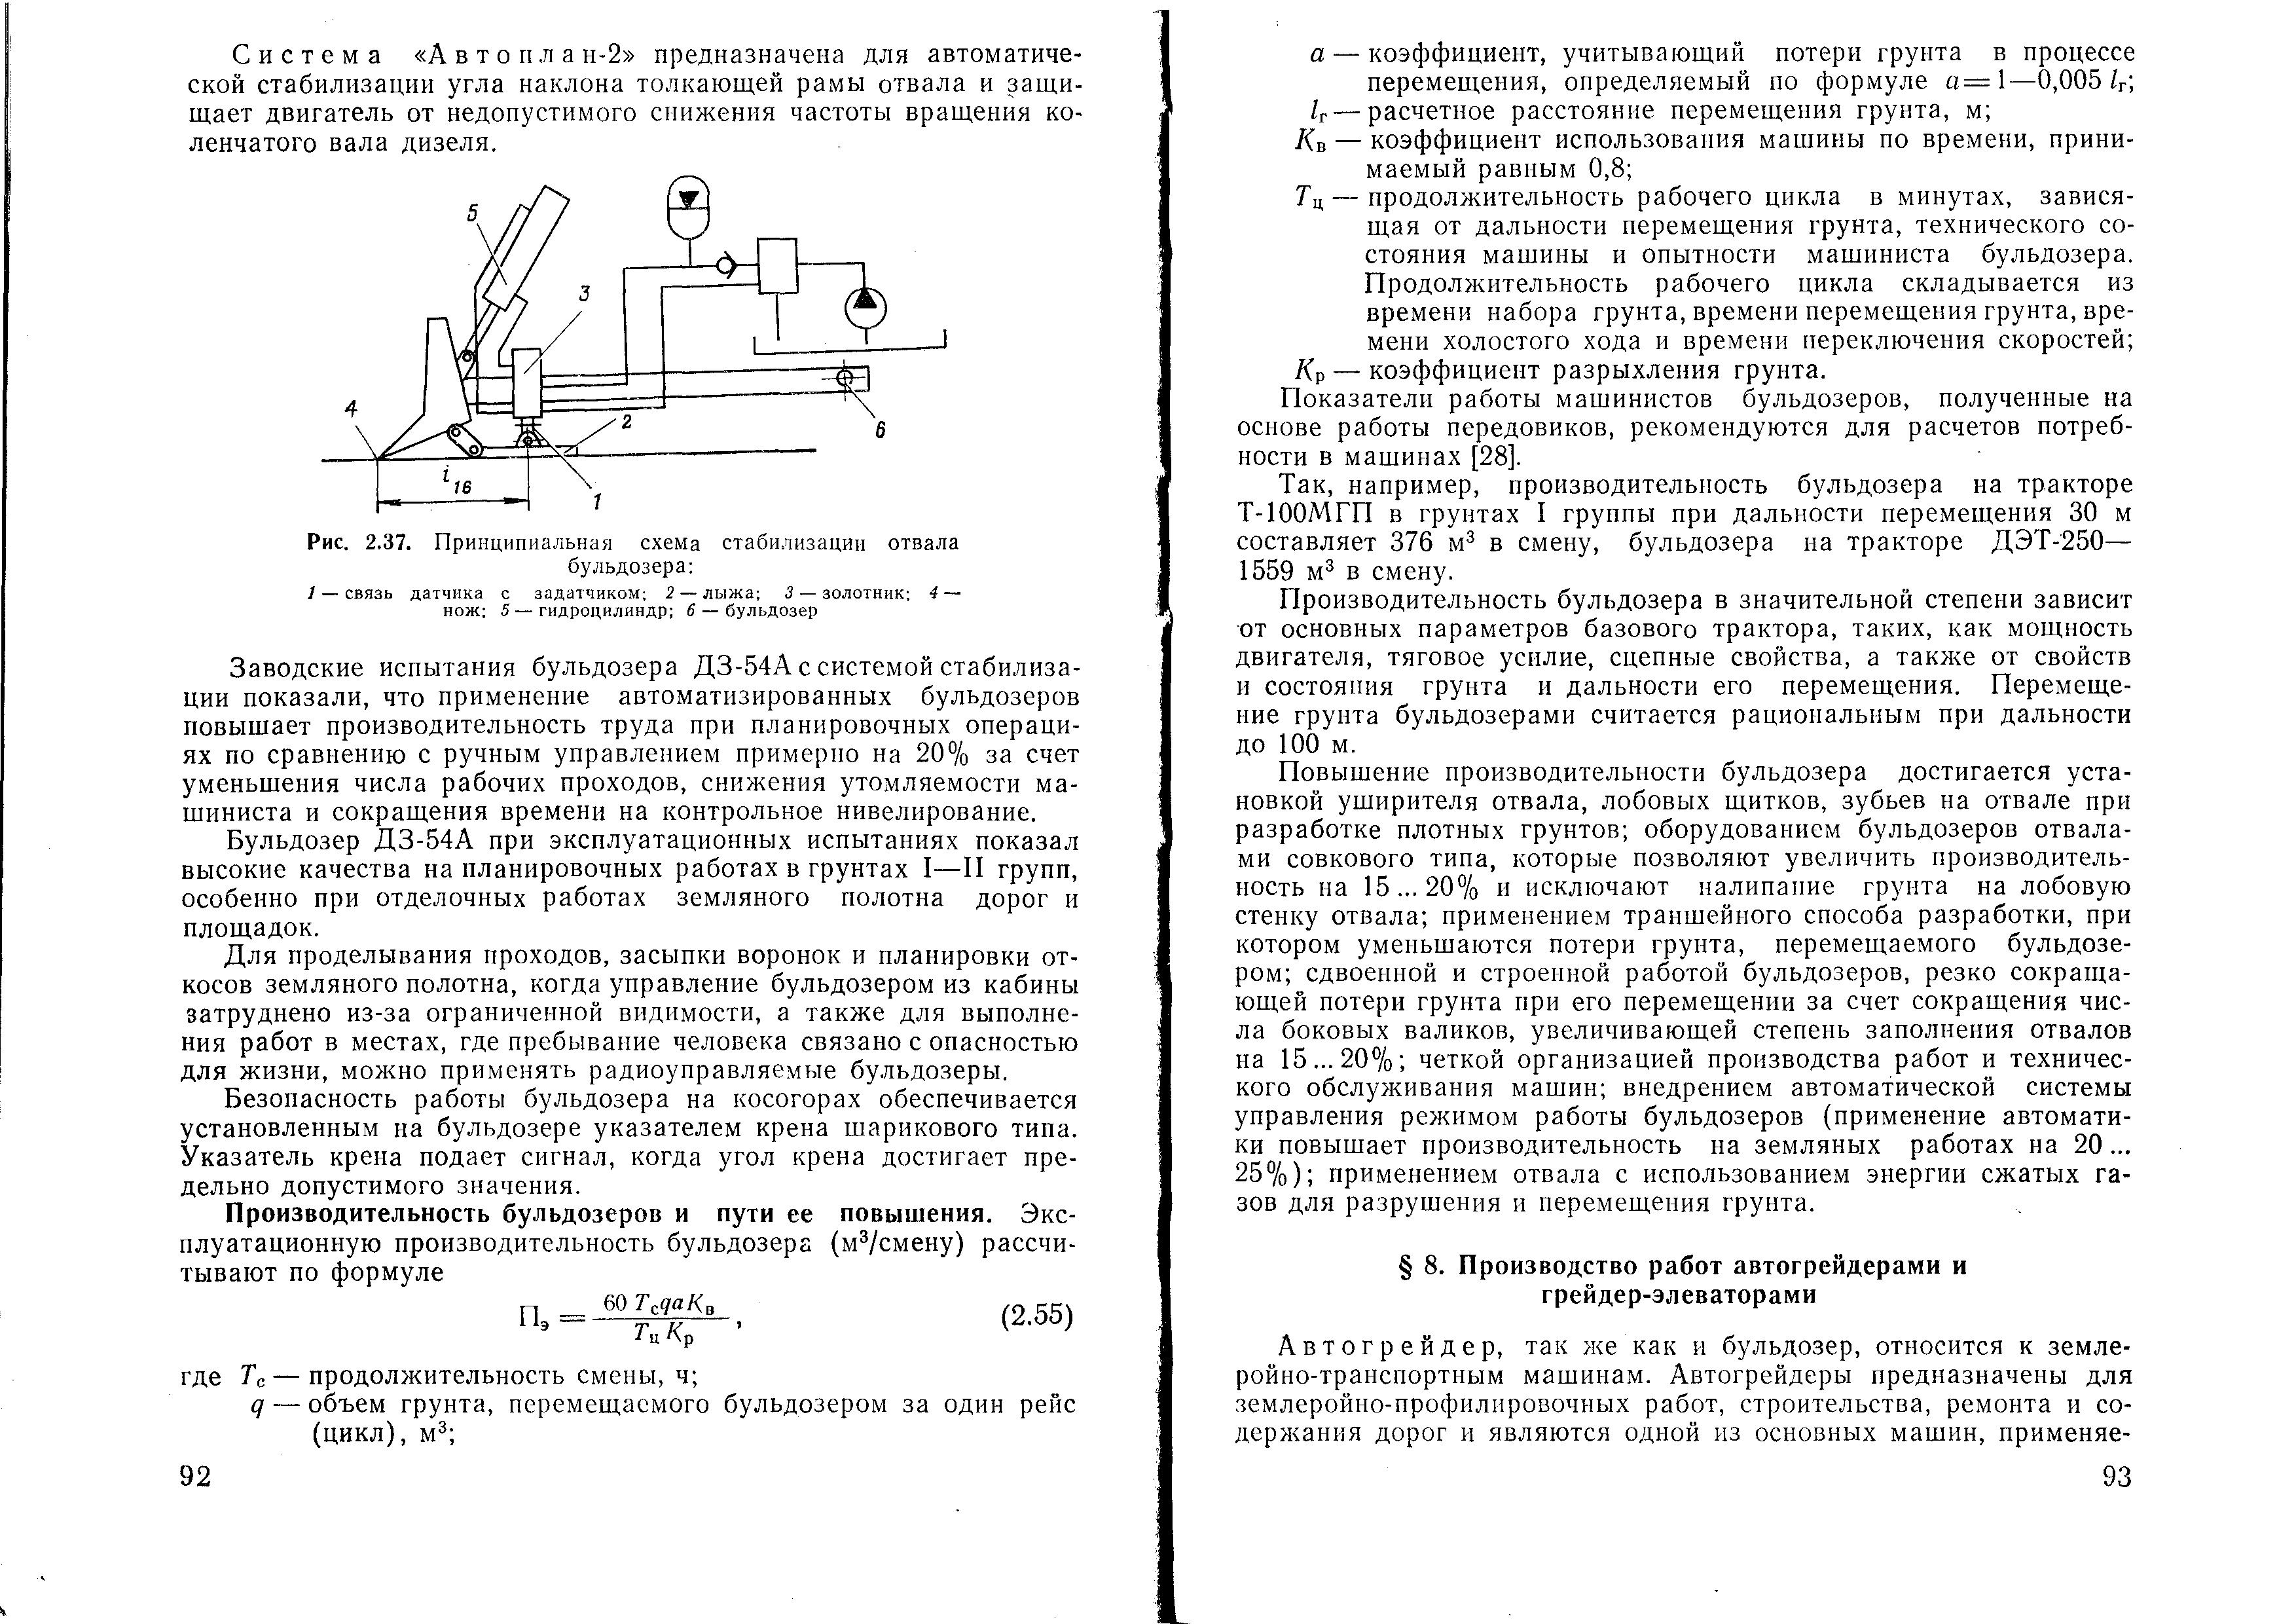 Менструационный цикл схема